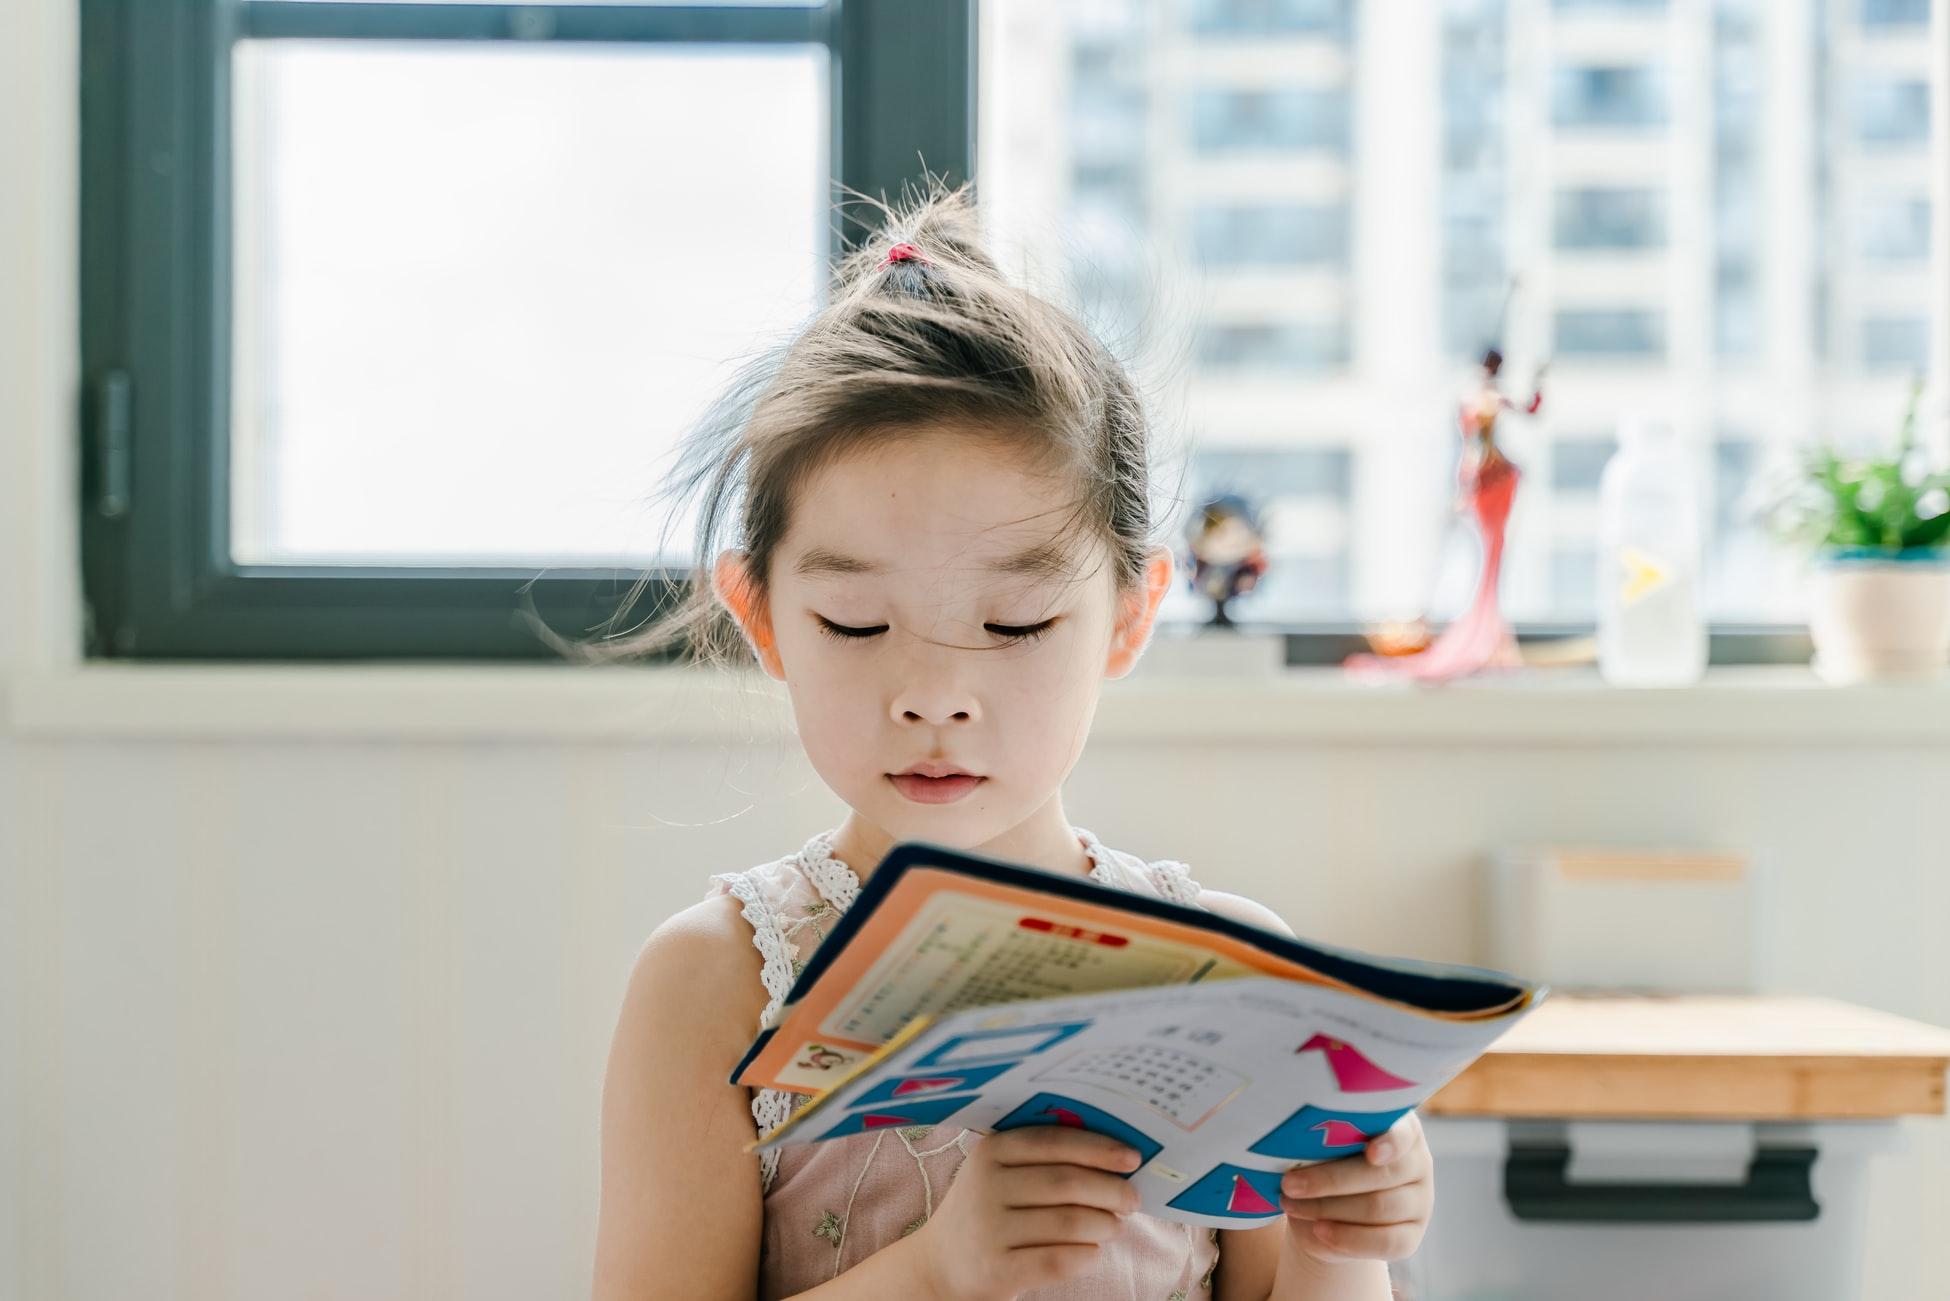 kid reading oragami book